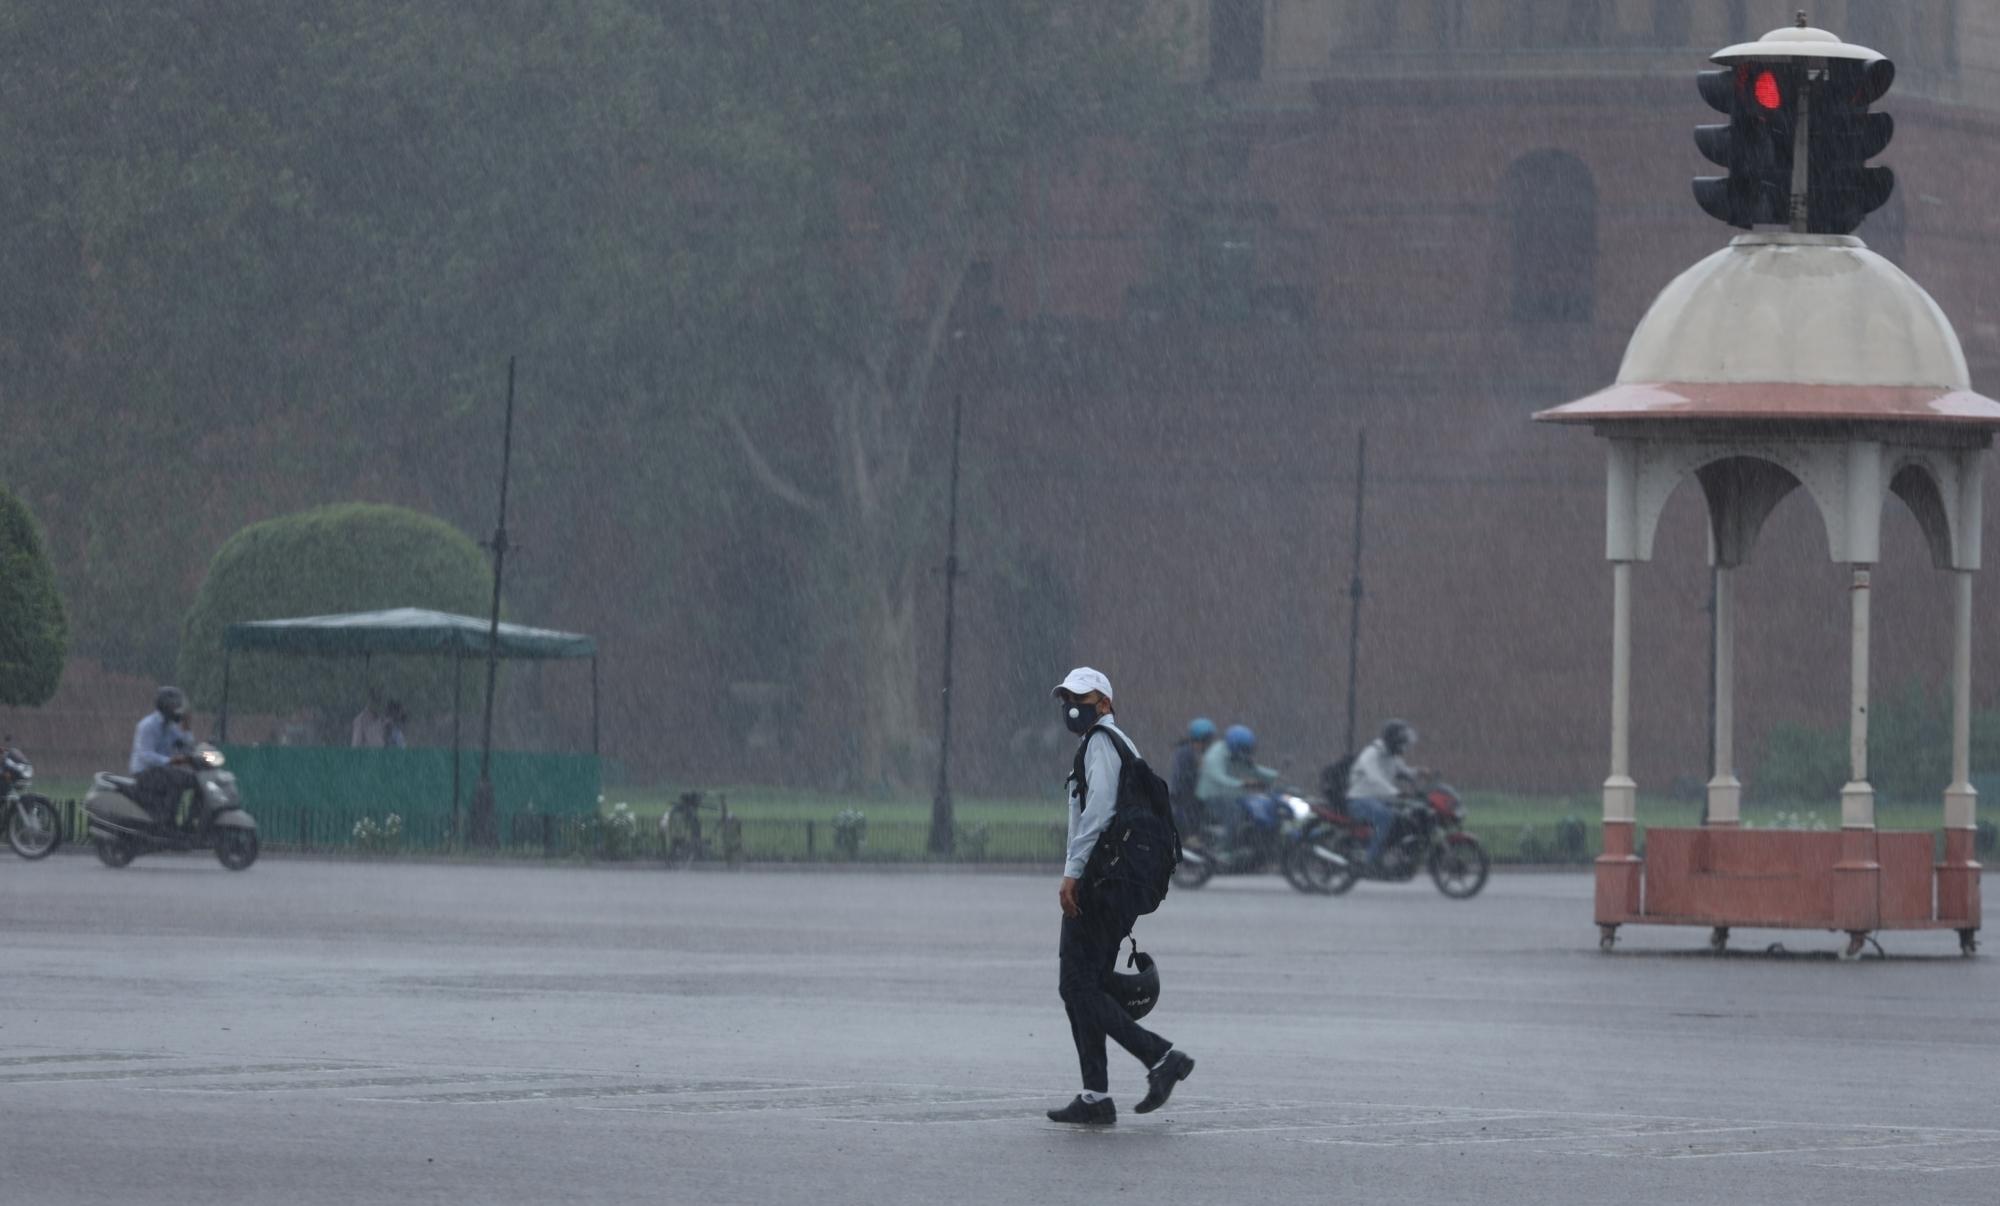 बारिश के बाद दिल्ली में गर्मी से राहत, देश के कई हिस्सों में बाढ़ के हालात, जानें मौसम का हाल